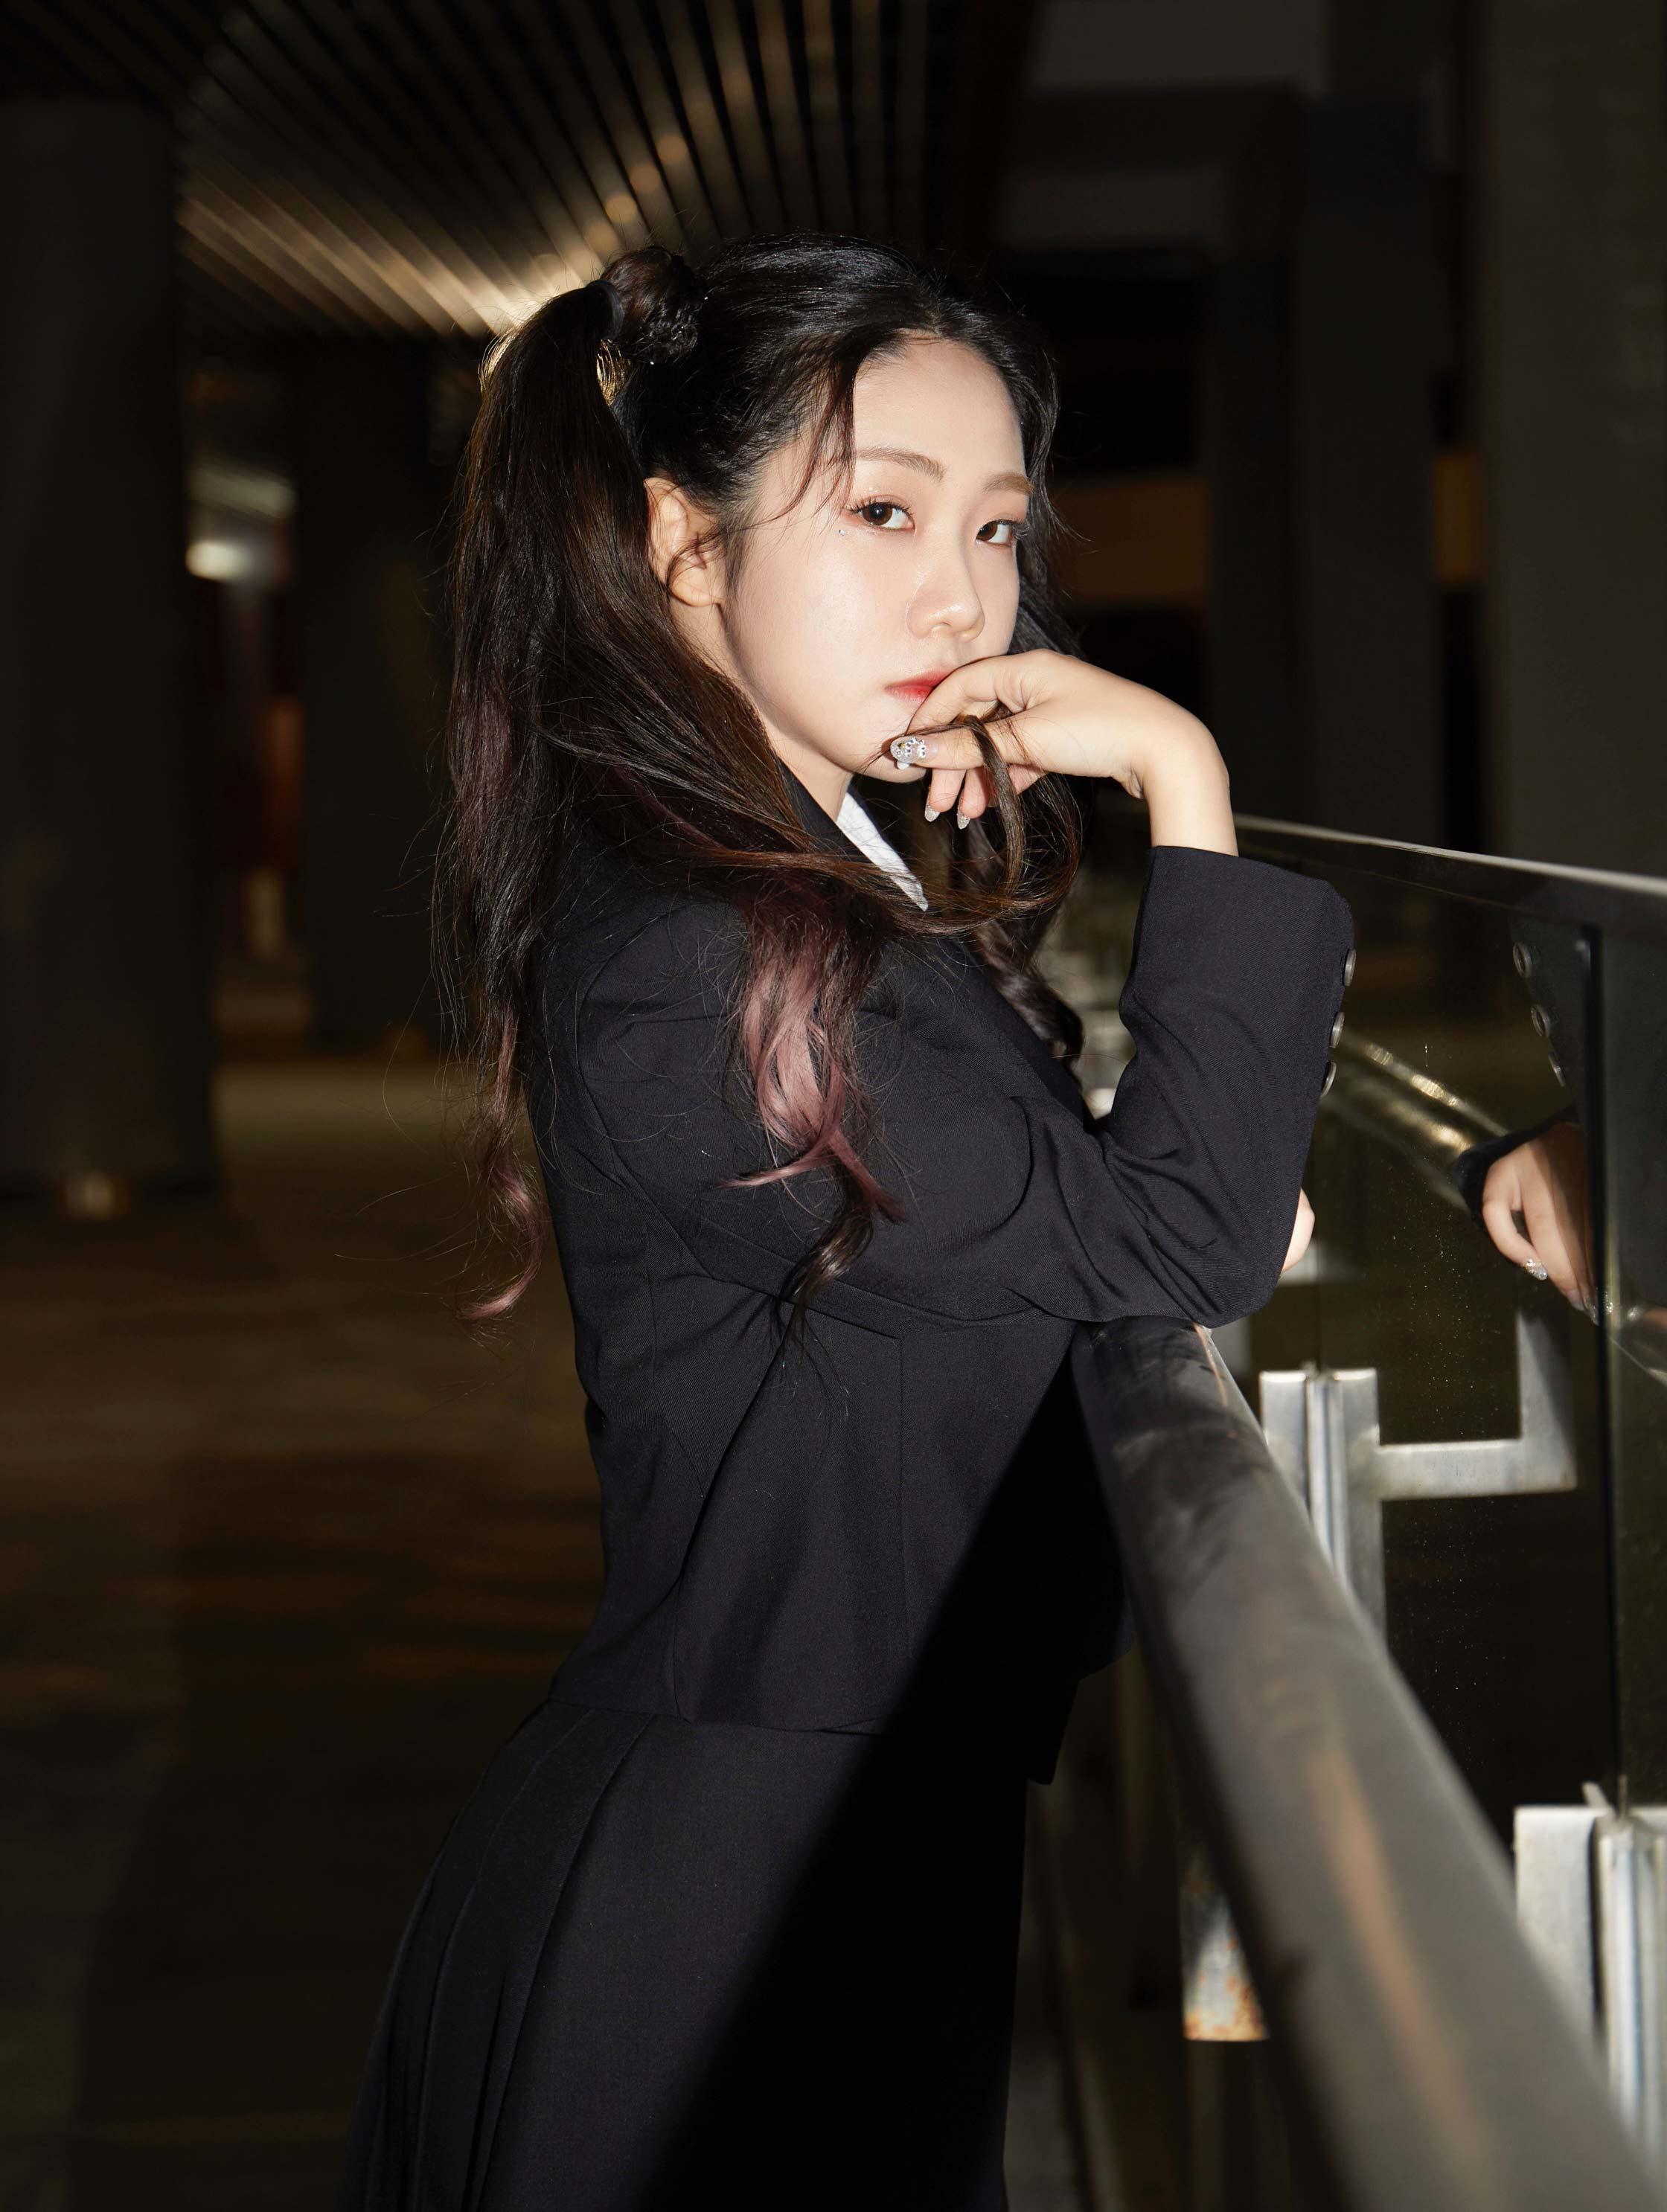 说唱少女石玺彤献唱上海电竞大师赛开场曲